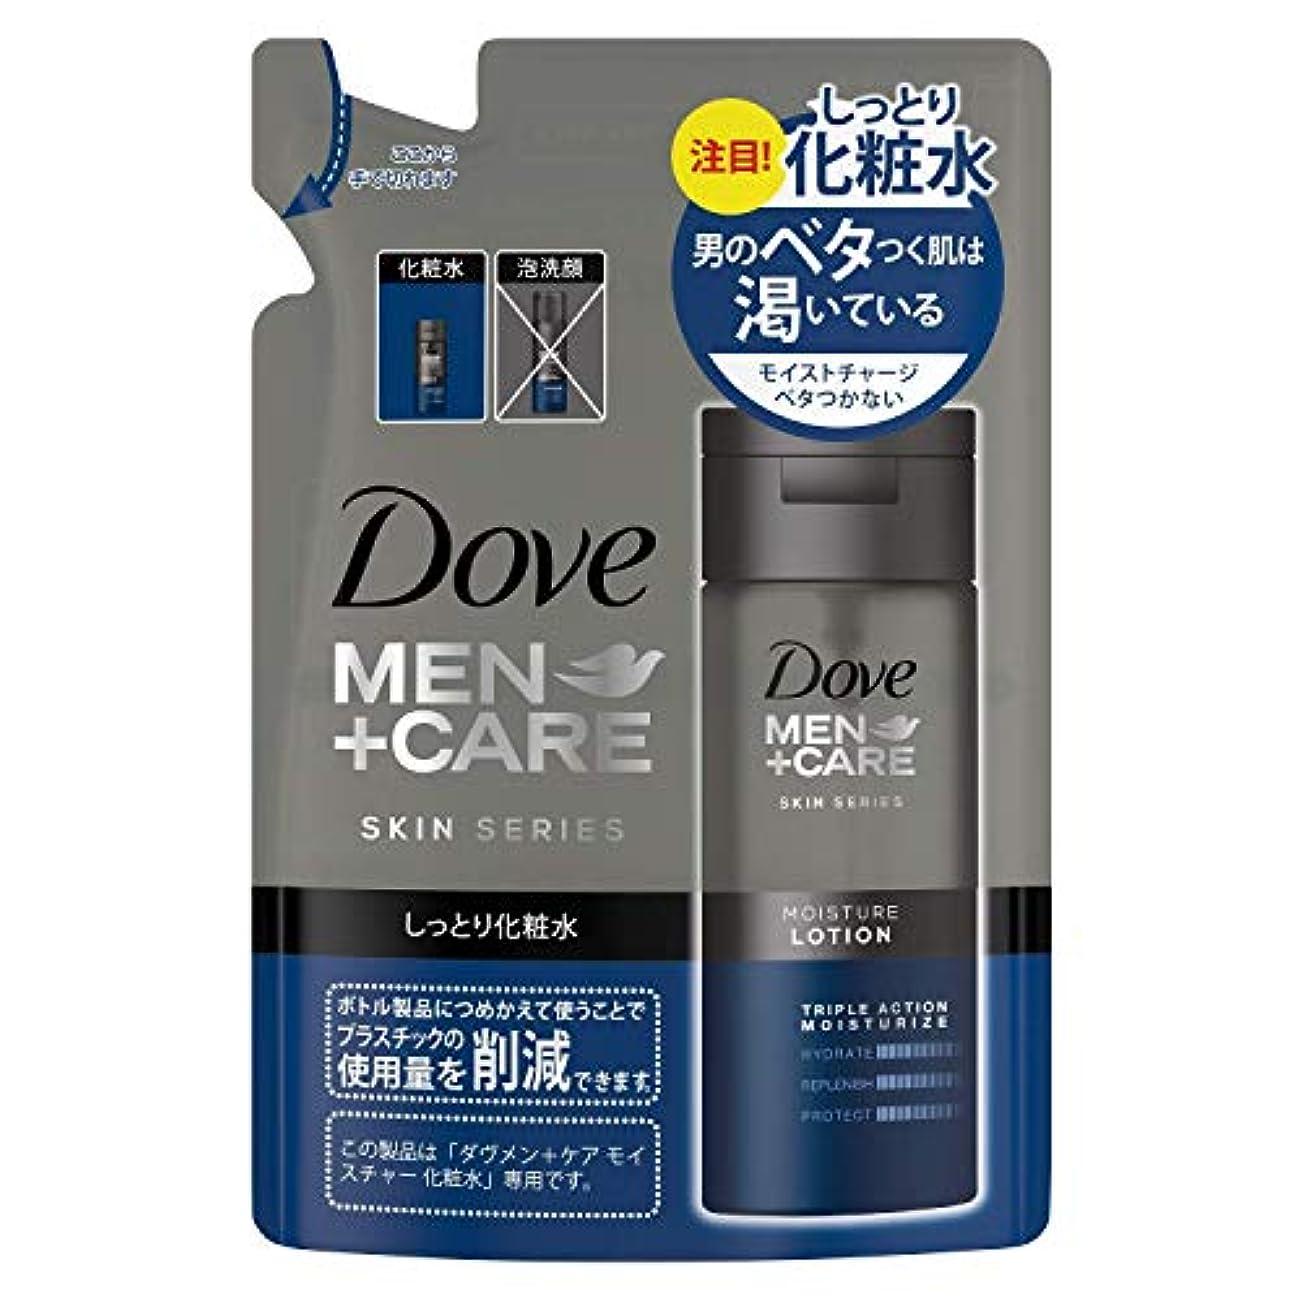 優雅メディック毒液ダヴメン+ケア モイスチャー 化粧水 つめかえ用130ml×12点